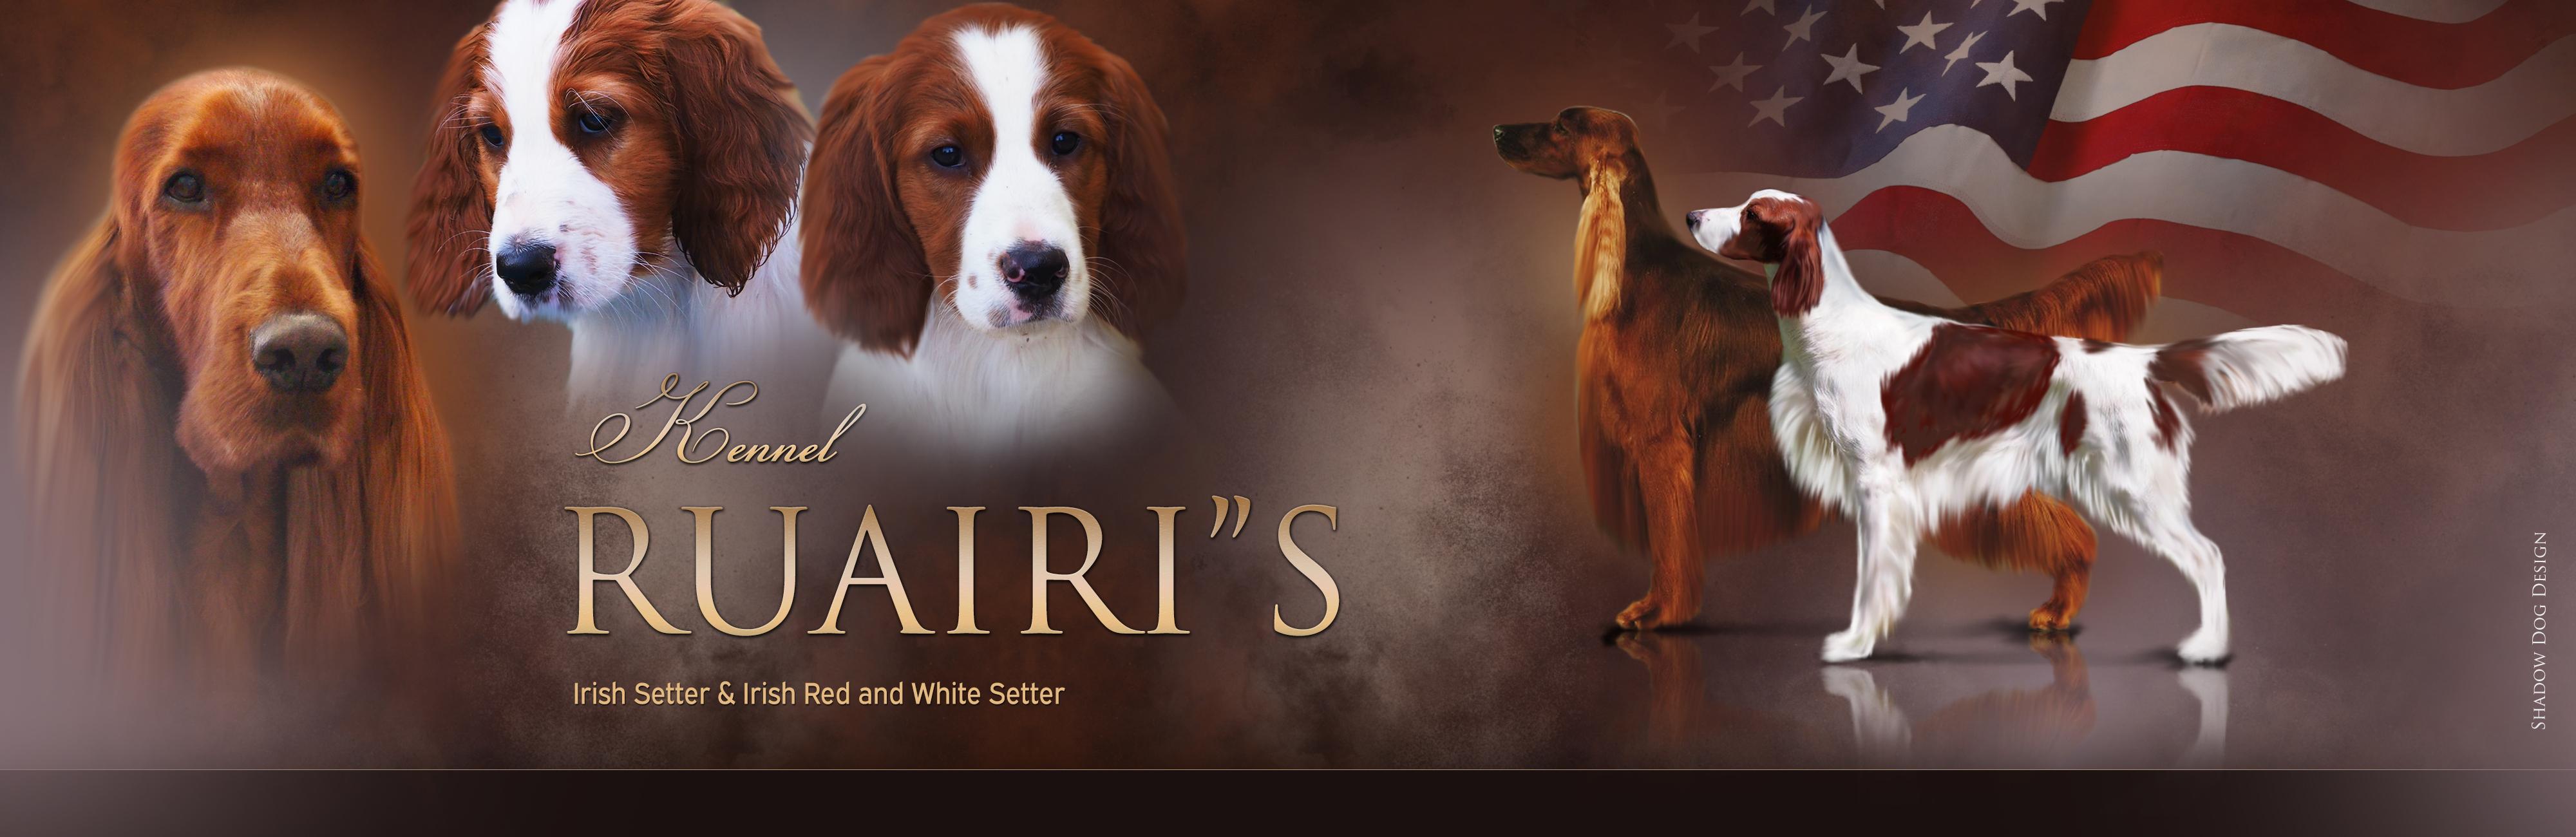 Ruairi's Irish Setter & Irish Red And White Setter